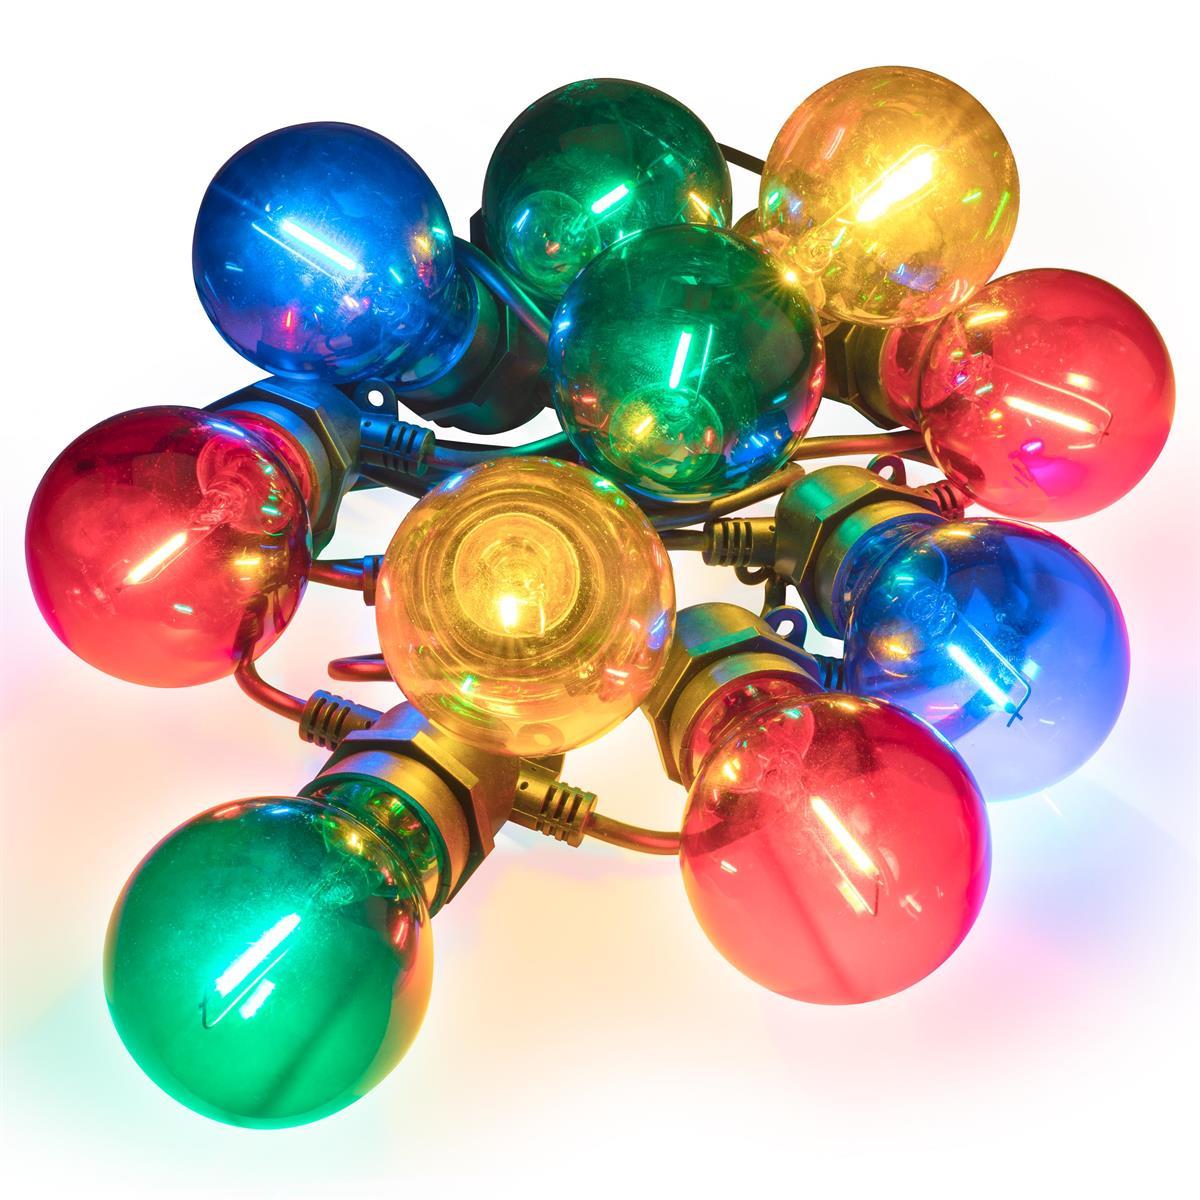 LED Partylichterkette mit 10 Glaskugeln bunt Partybeleuchtung Lichterkette Xmas